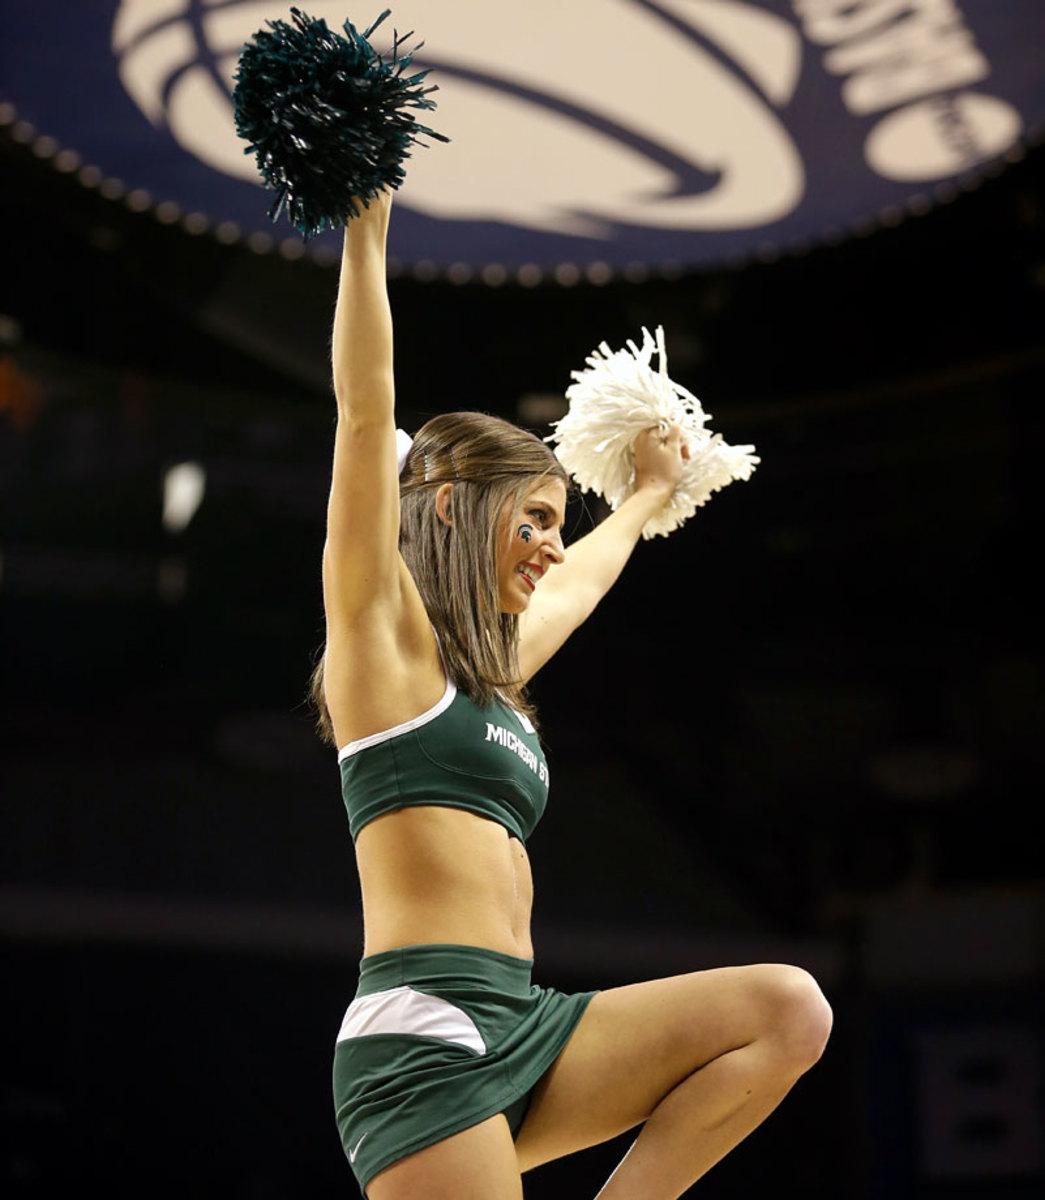 Michigan-State-cheerleaders-467243020_10_1.jpg